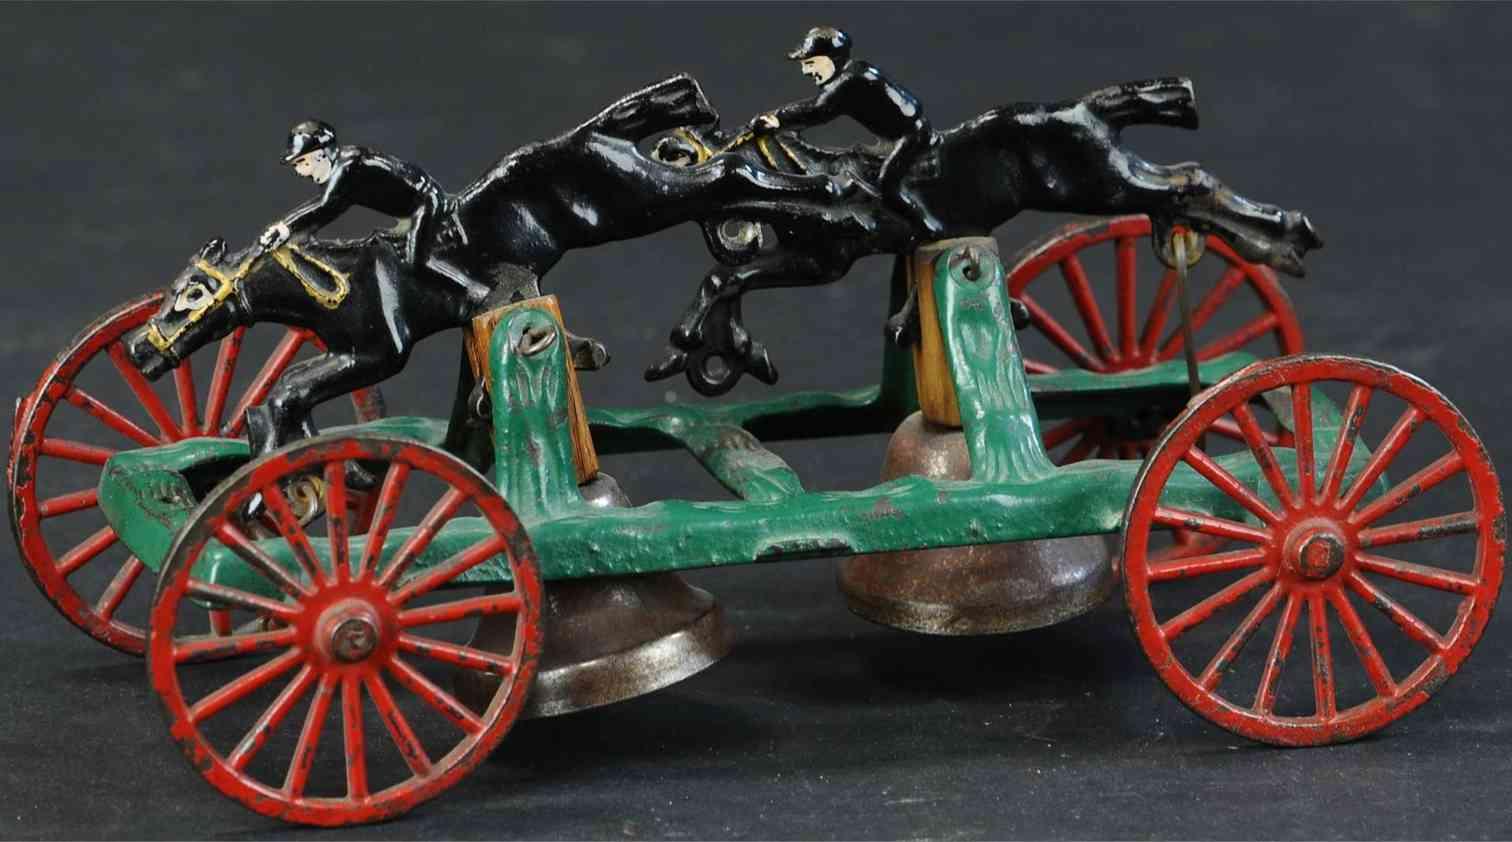 hubley gusseisen hindernisrennen als glockenspielzeug zwei pferde reiter